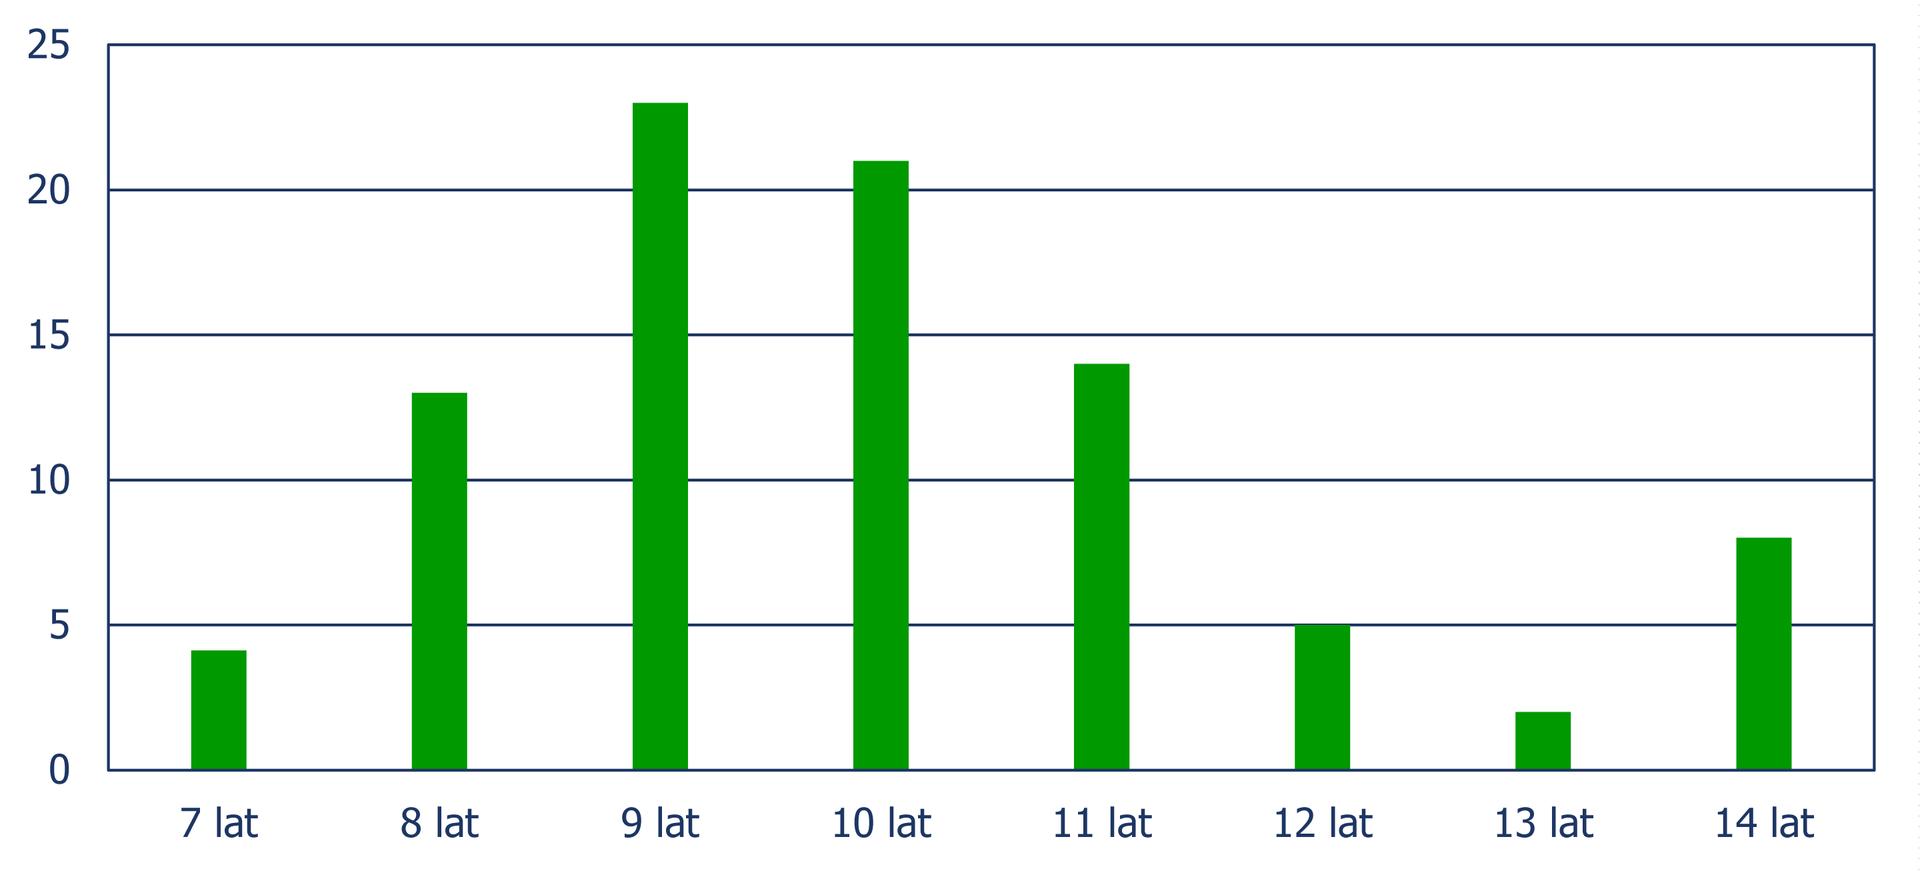 Diagram słupkowy pionowy (słupki ułożone pionowo), zktórego odczytujemy liczbę dzieci na zajęciach plastycznych wzależności od wieku dziecka. Wiek 7 lat – 7 dzieci, wiek 8 lat – 13 dzieci, wiek 9 lat – 23 dzieci, wiek 10 lat – 21 dzieci, wiek 11 lat – 14 dzieci, wiek 12 lat – 5 dzieci, wiek 13 lat – 2 dzieci, wiek 14 lat – 8 dzieci.